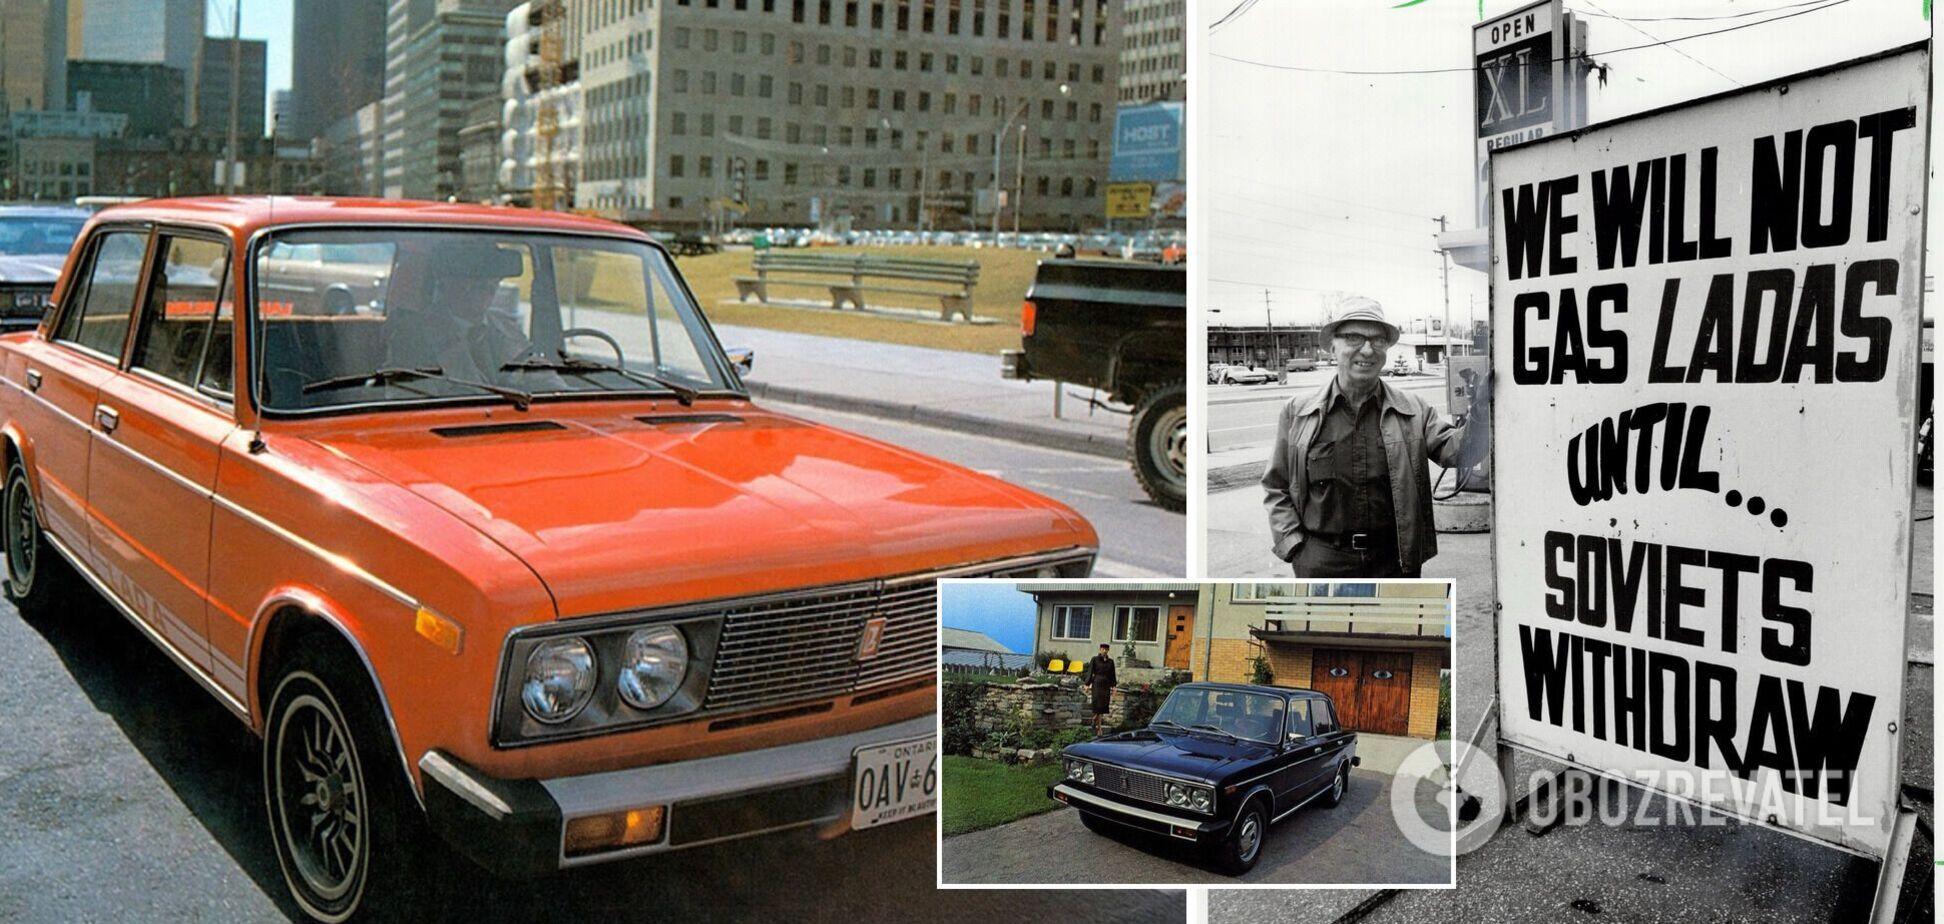 Канадець через політику СРСР відмовився заправити 'Ладу': архівне фото